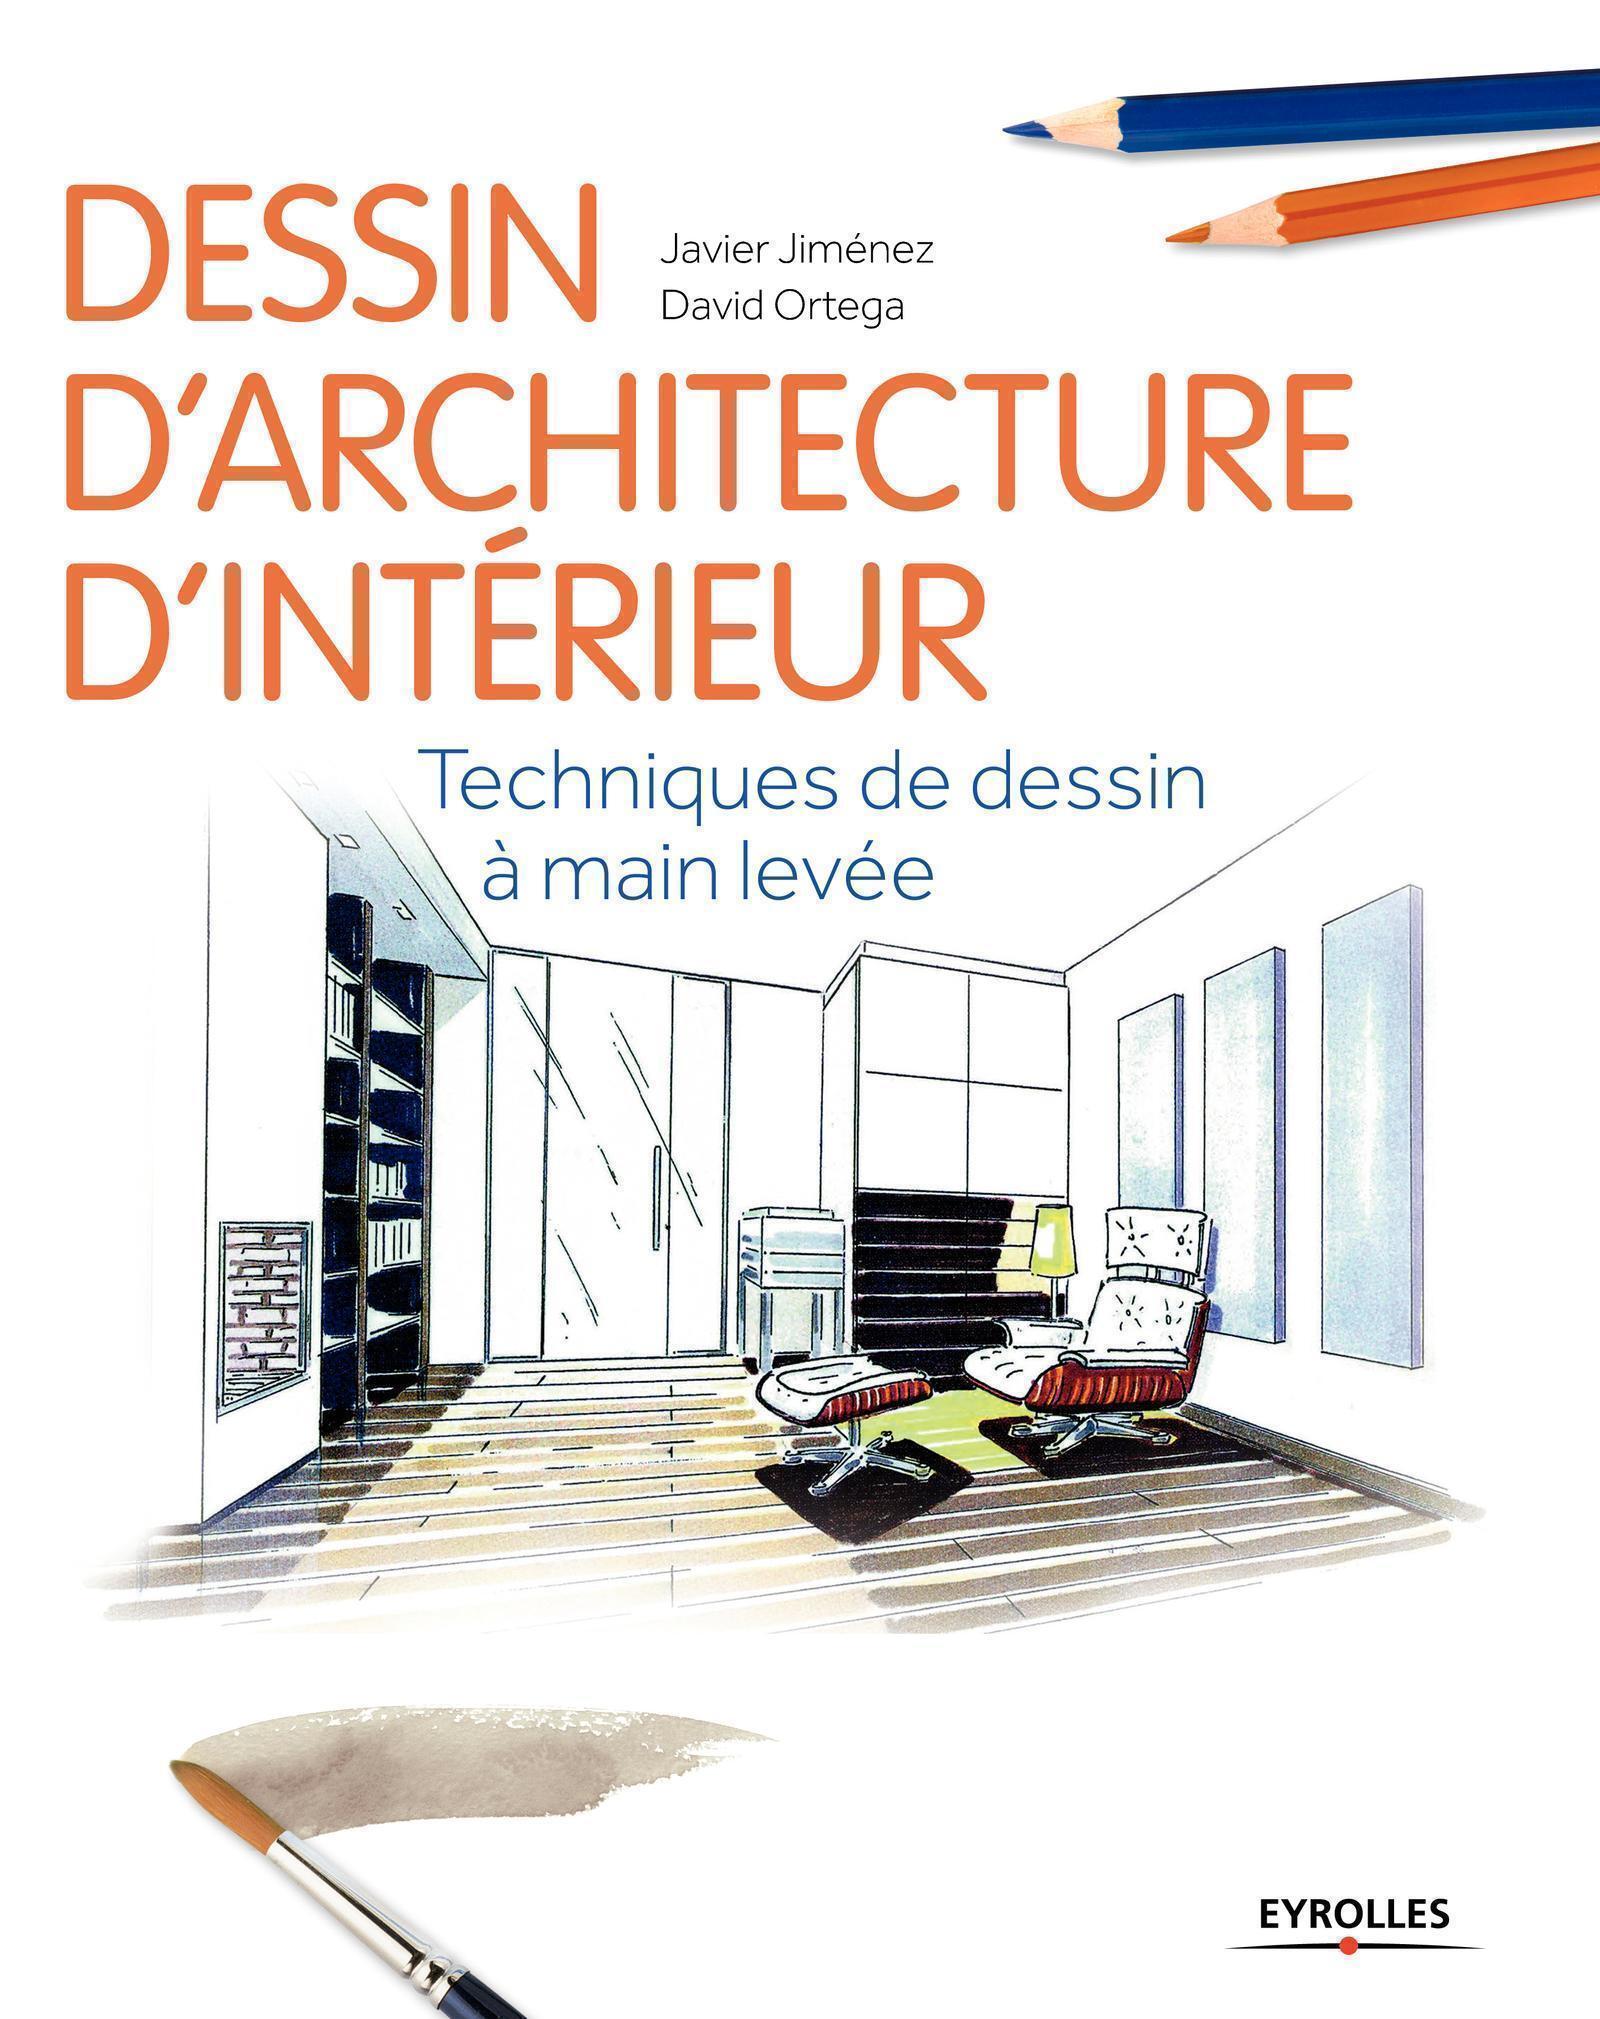 DESSIN D'ARCHITECTURE D'INTERIEUR - TECHNIQUES DE DESSIN A MAIN LEVEE.